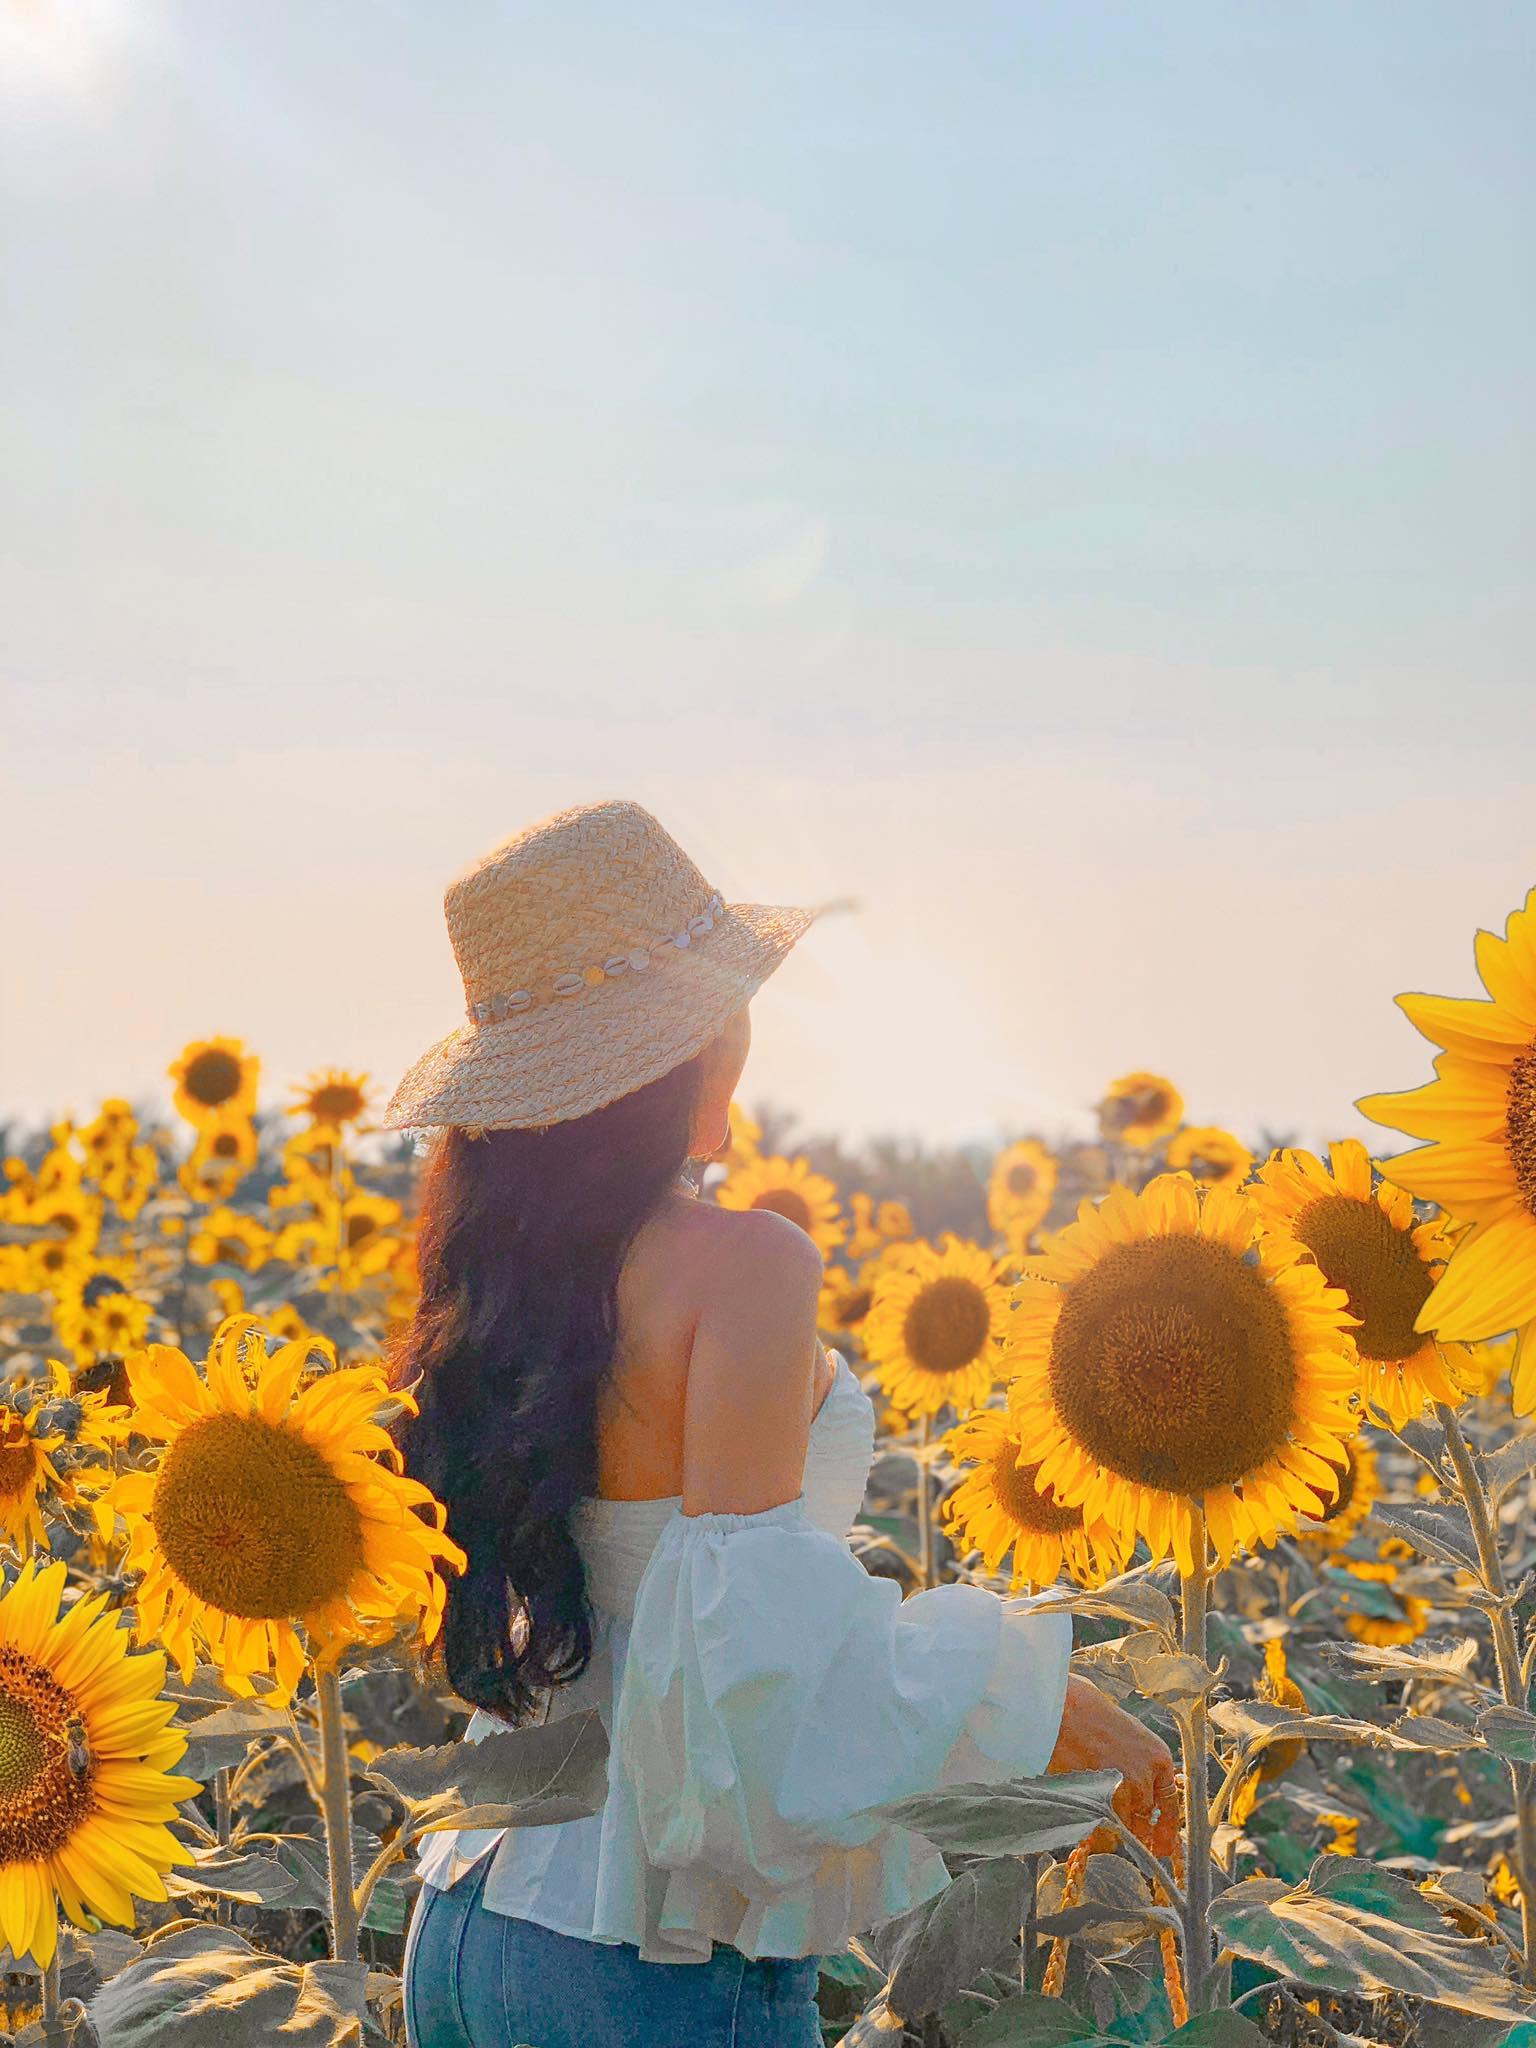 Mê mẩn vẻ đẹp cánh đồng hoa hướng dương nổi tiếng tại Nghệ An - Ảnh 6.